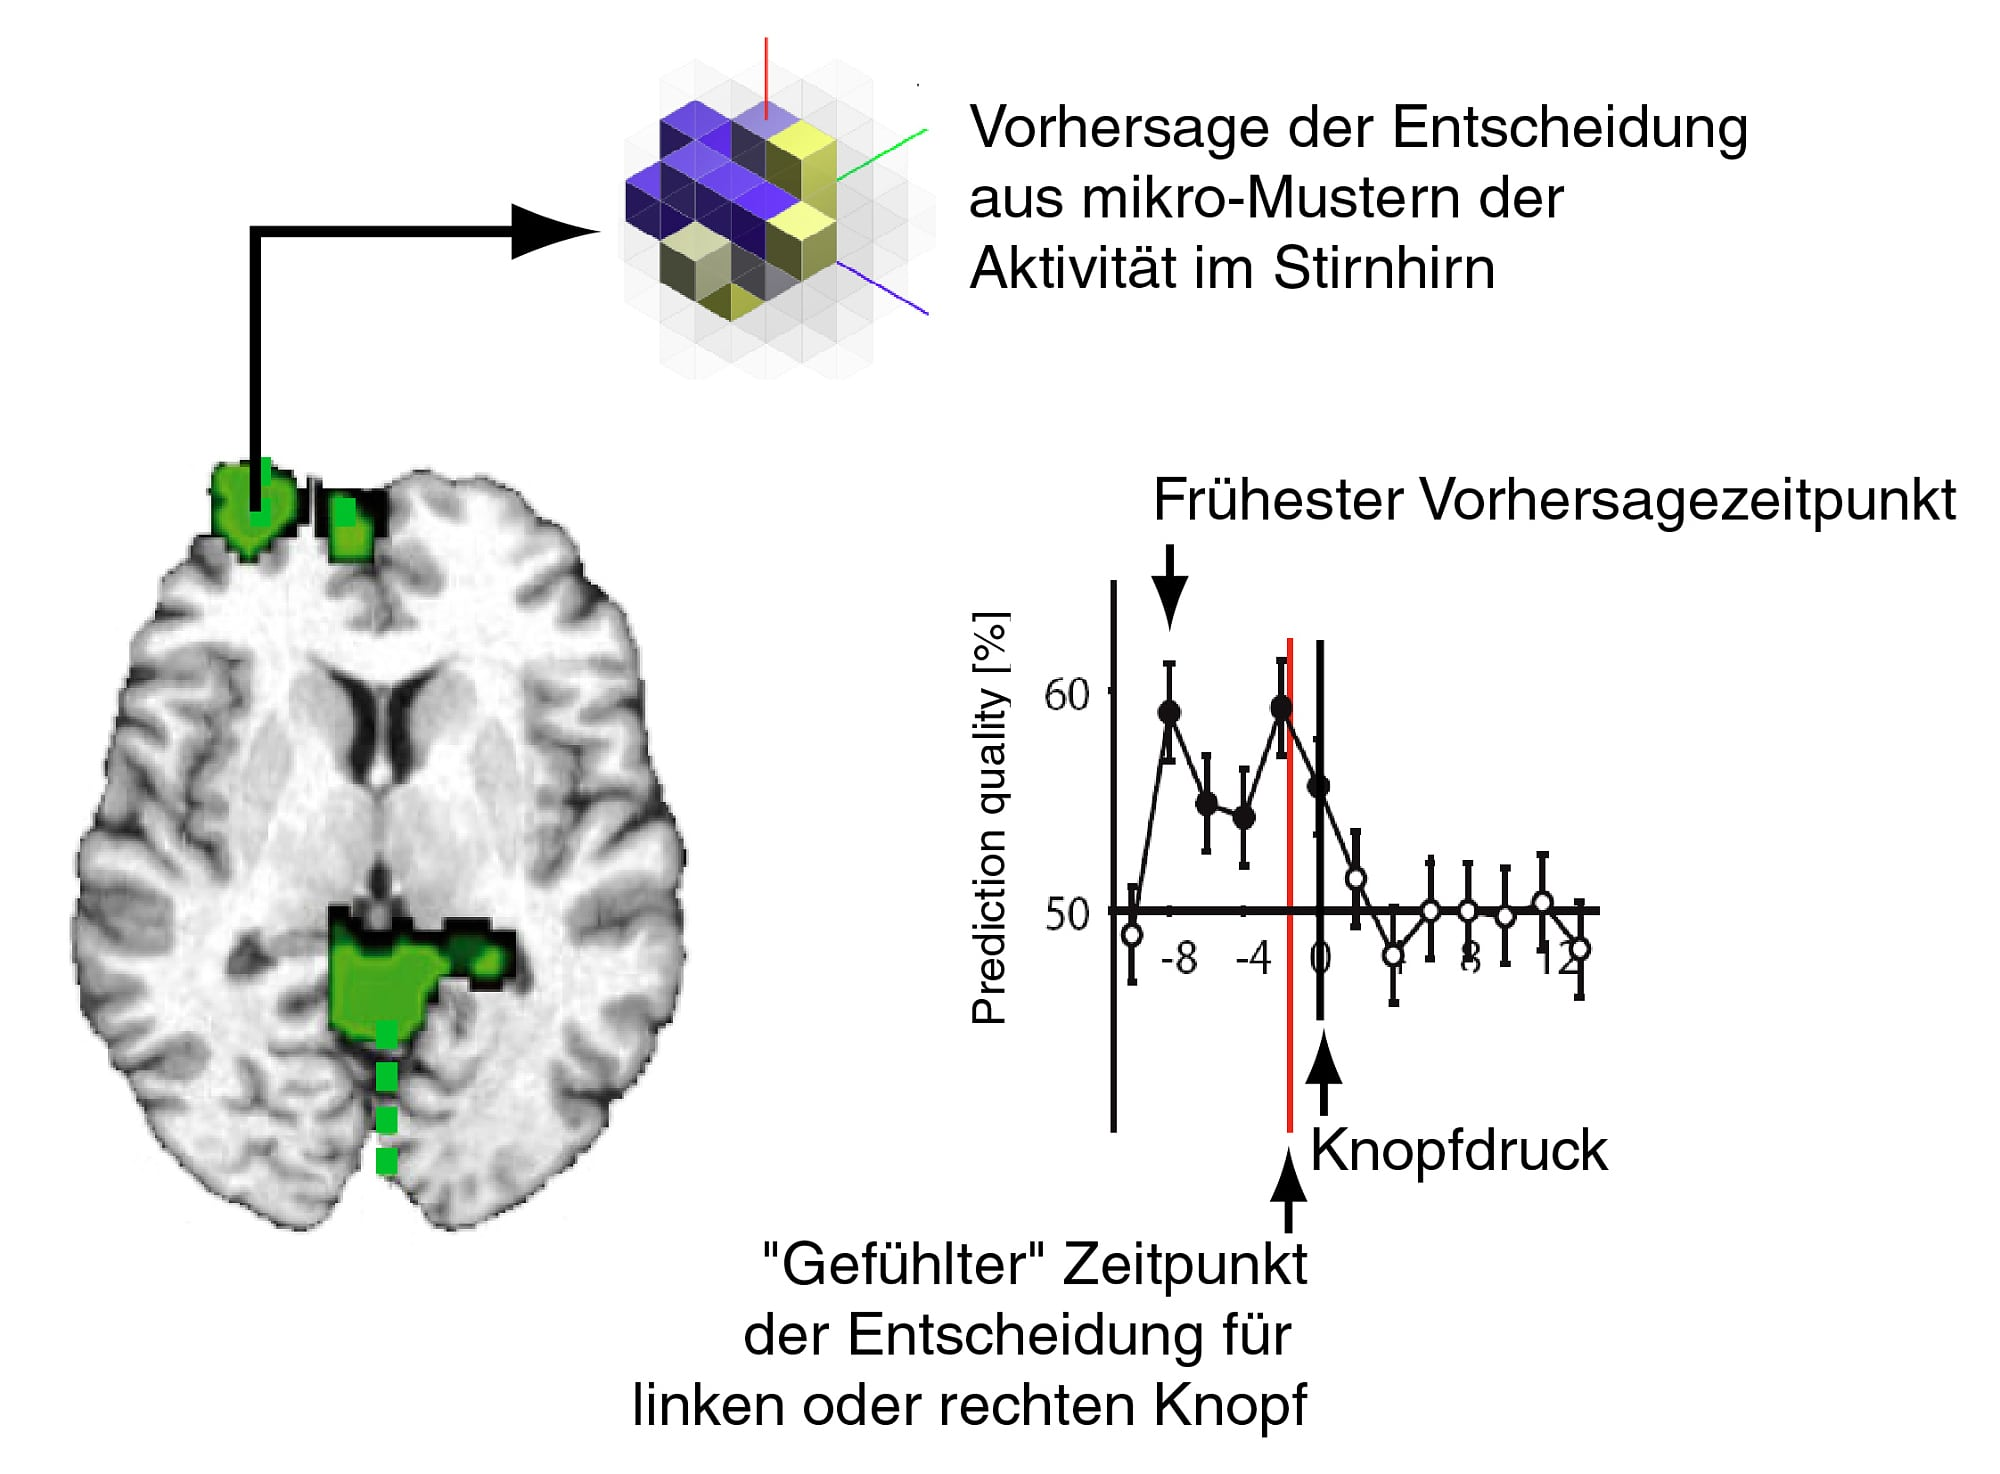 Hirnforschung: Mehr als tausend Worte - Spektrum der Wissenschaft